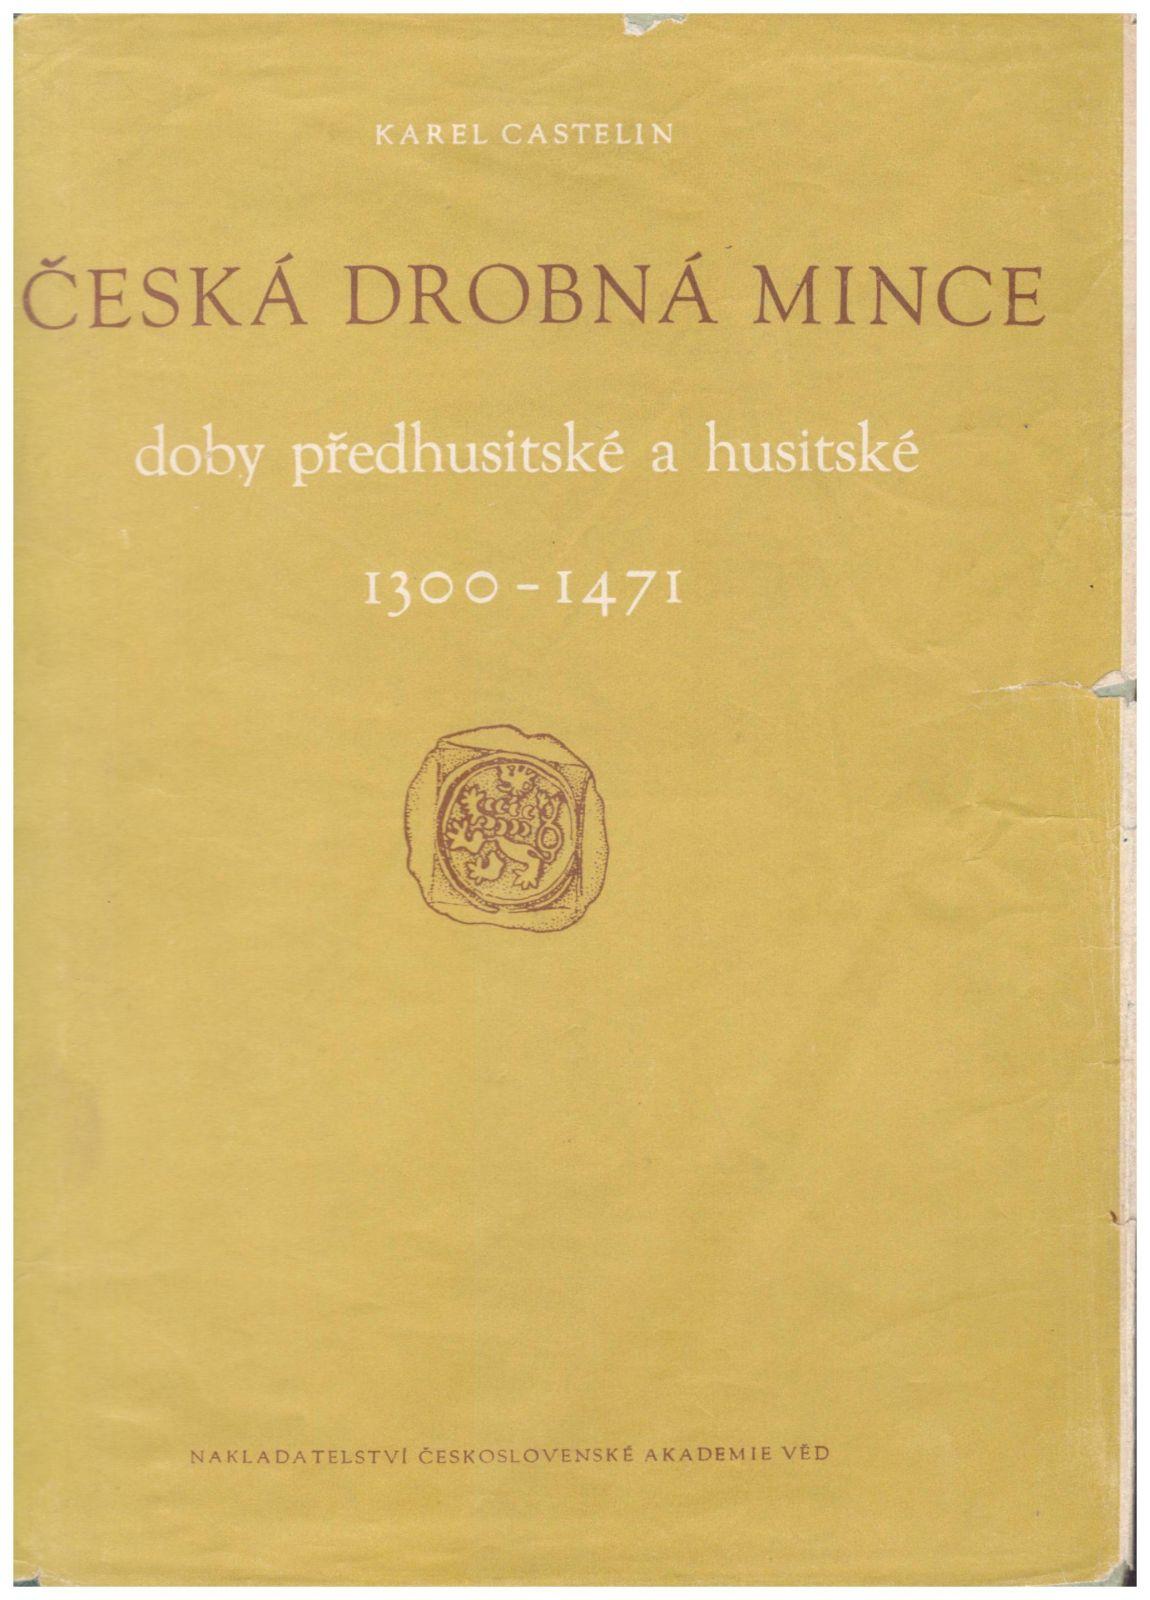 Česká drobná mince doby předhusitské a husitské 1300-1471 (1953), K.Castelin